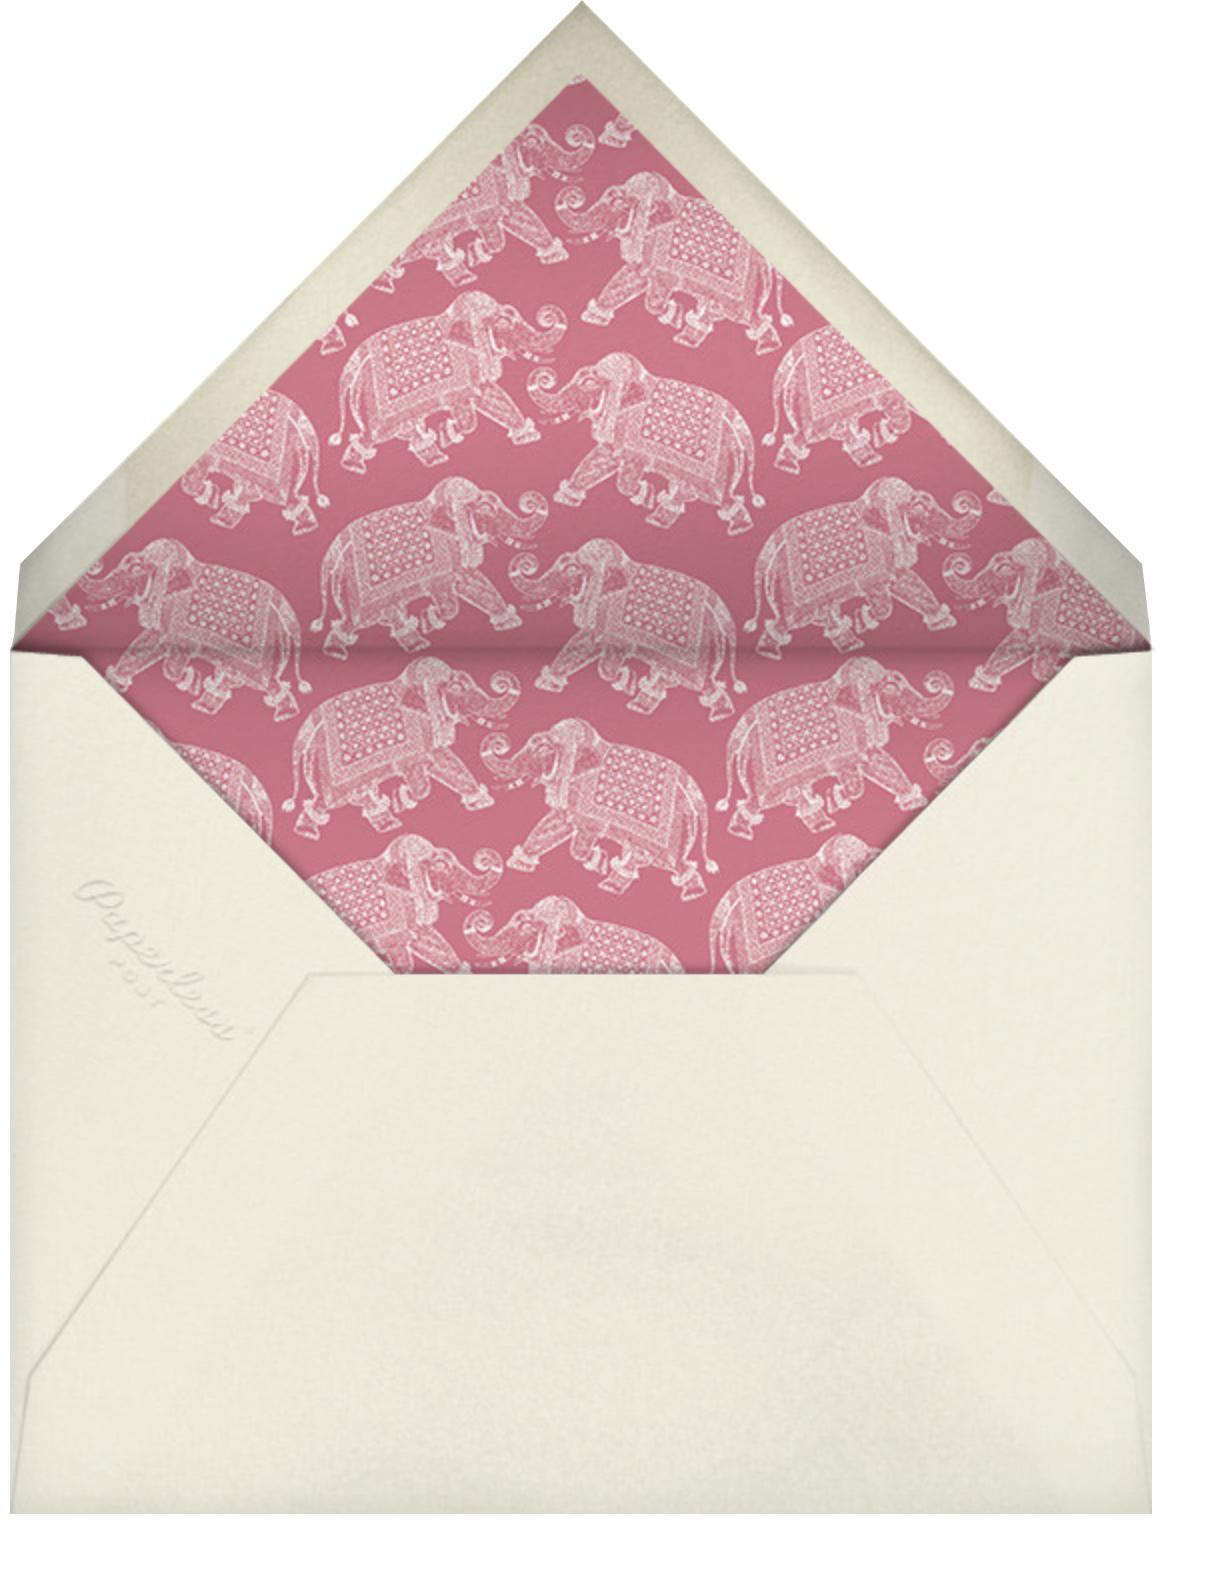 Engraved Elephant - Bernard Maisner - Engagement party - envelope back